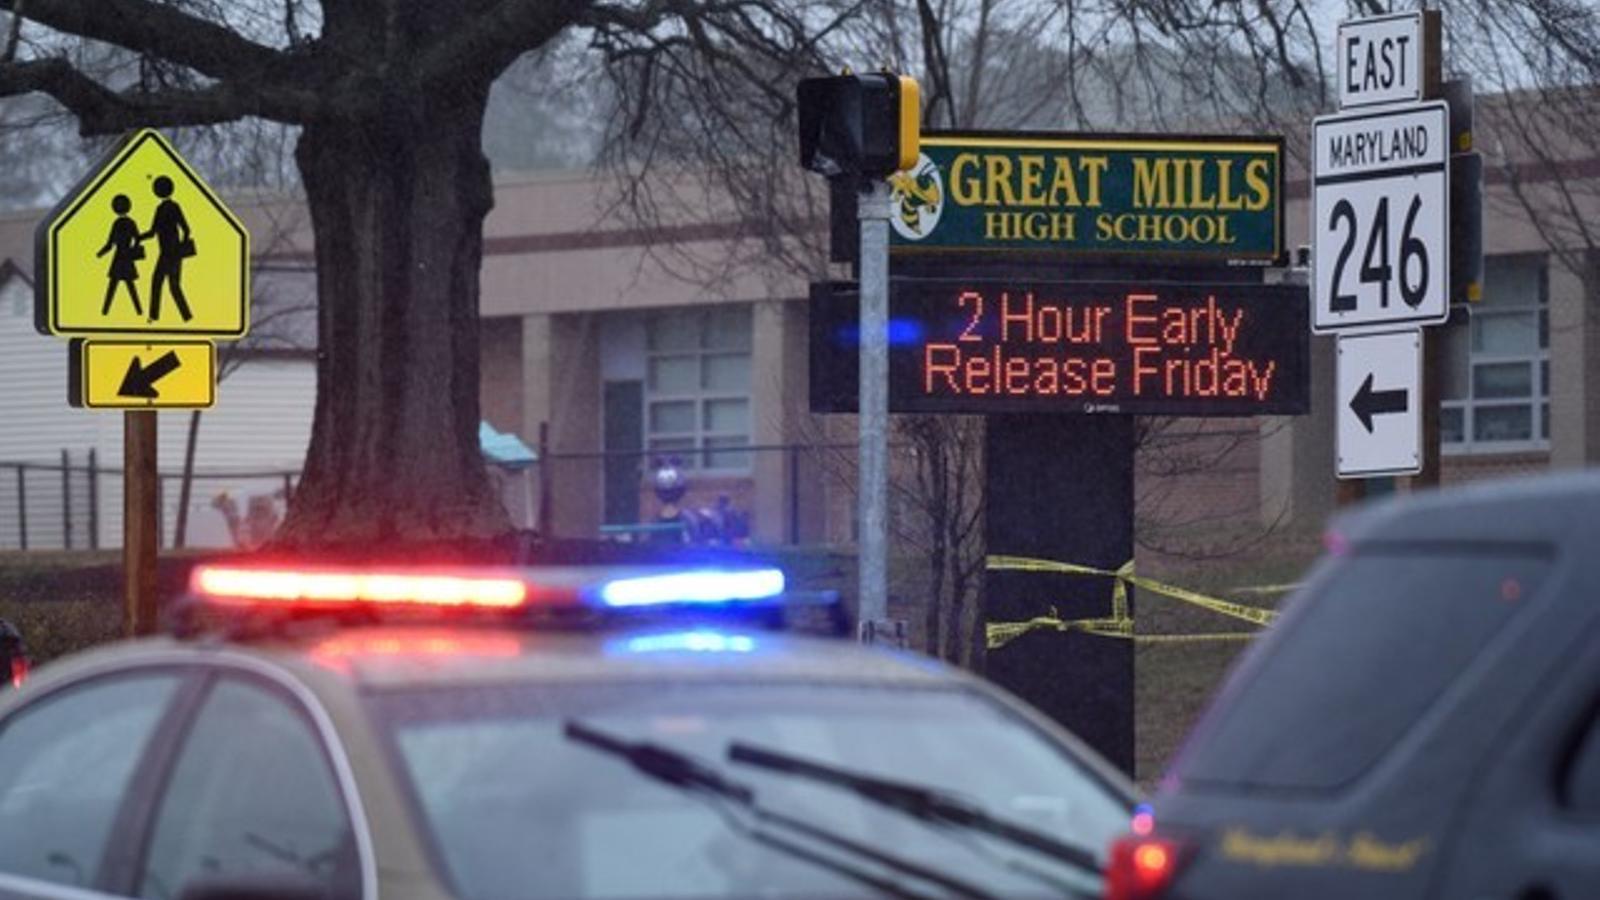 Mor l'autor del tiroteig a l'institut de Maryland (Estats Units)